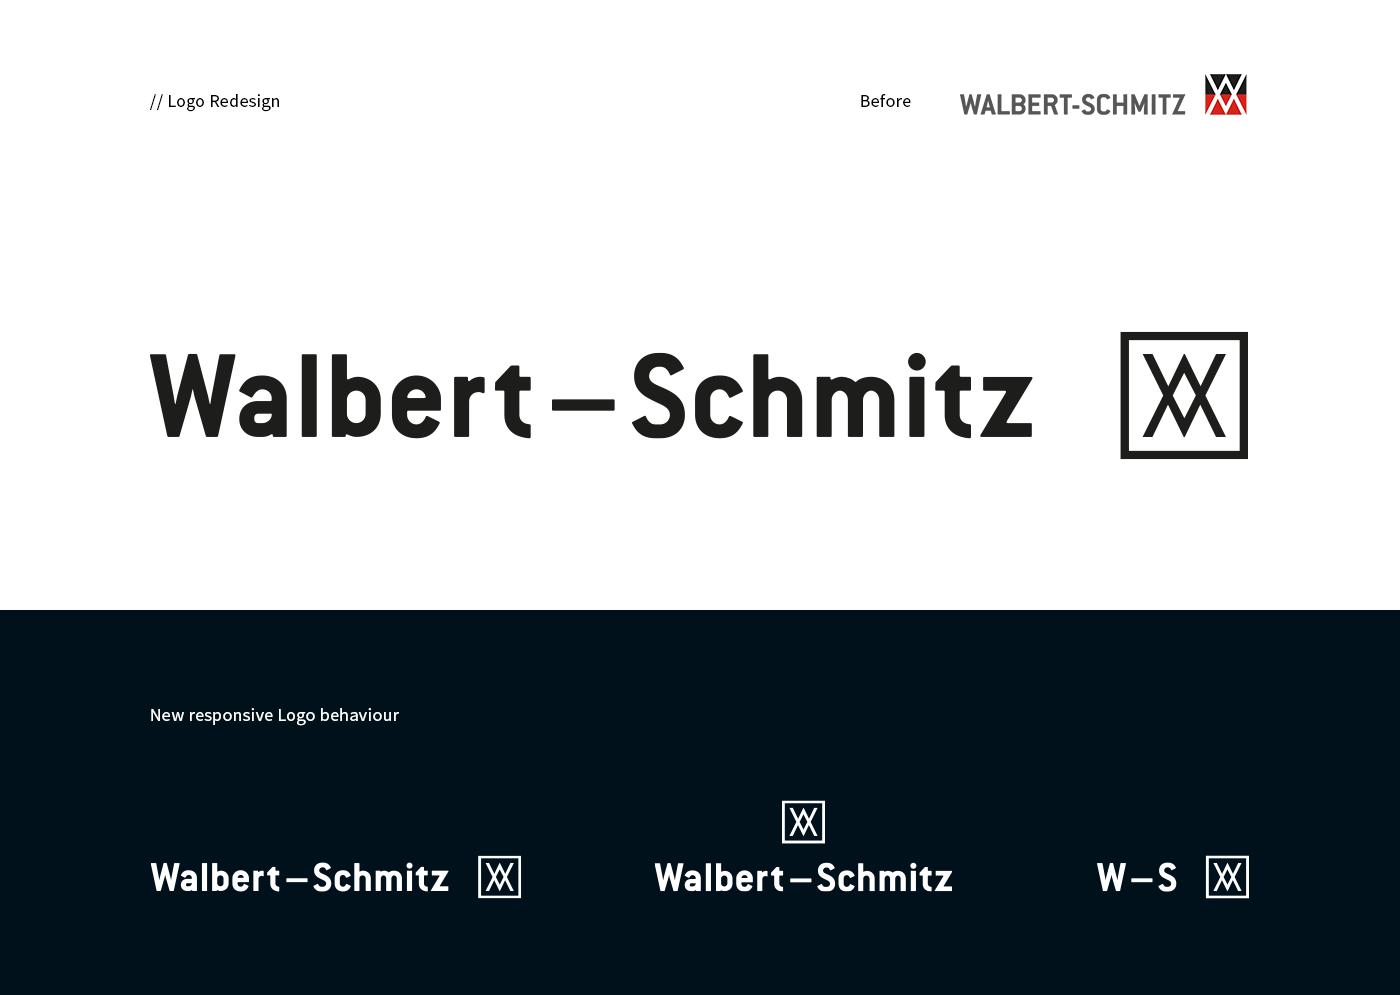 branding-walbert-schmitz-onogrit-02.png